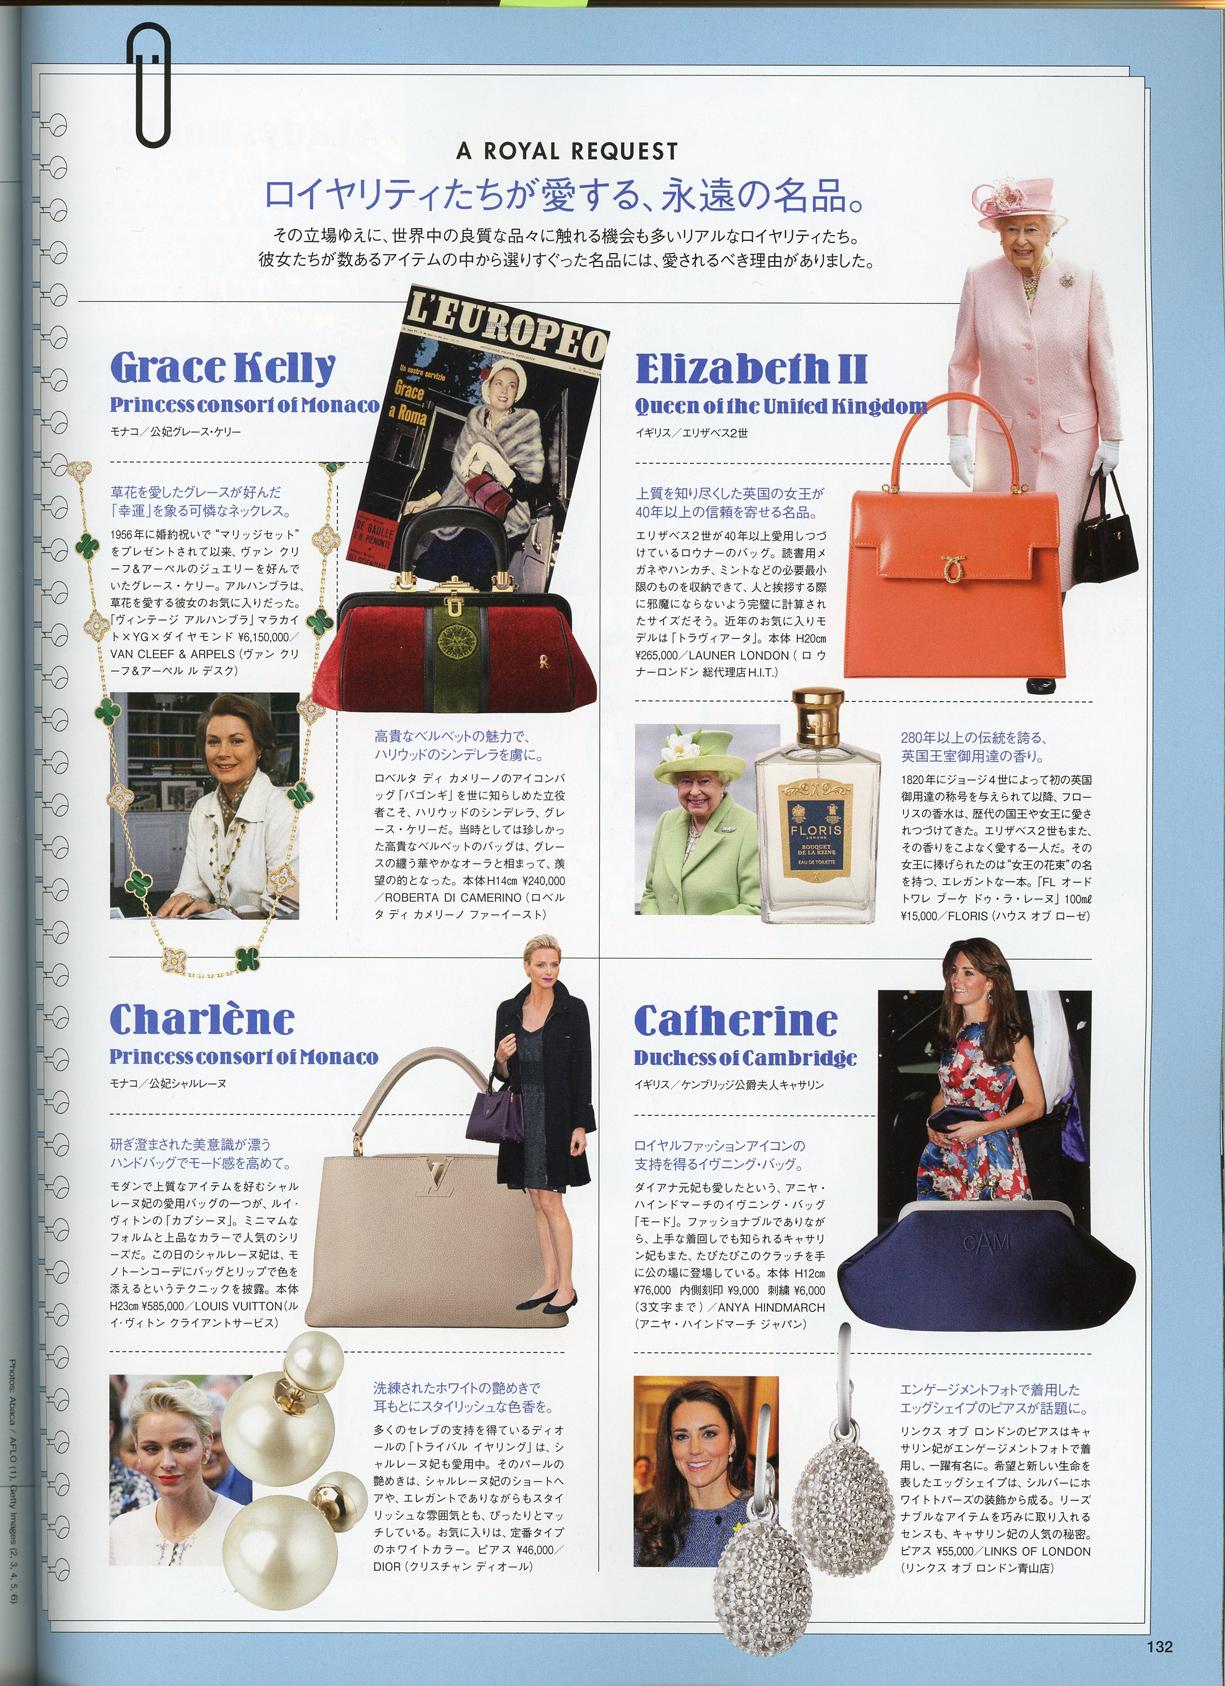 雑誌 Vogue 12月号に掲載されました。